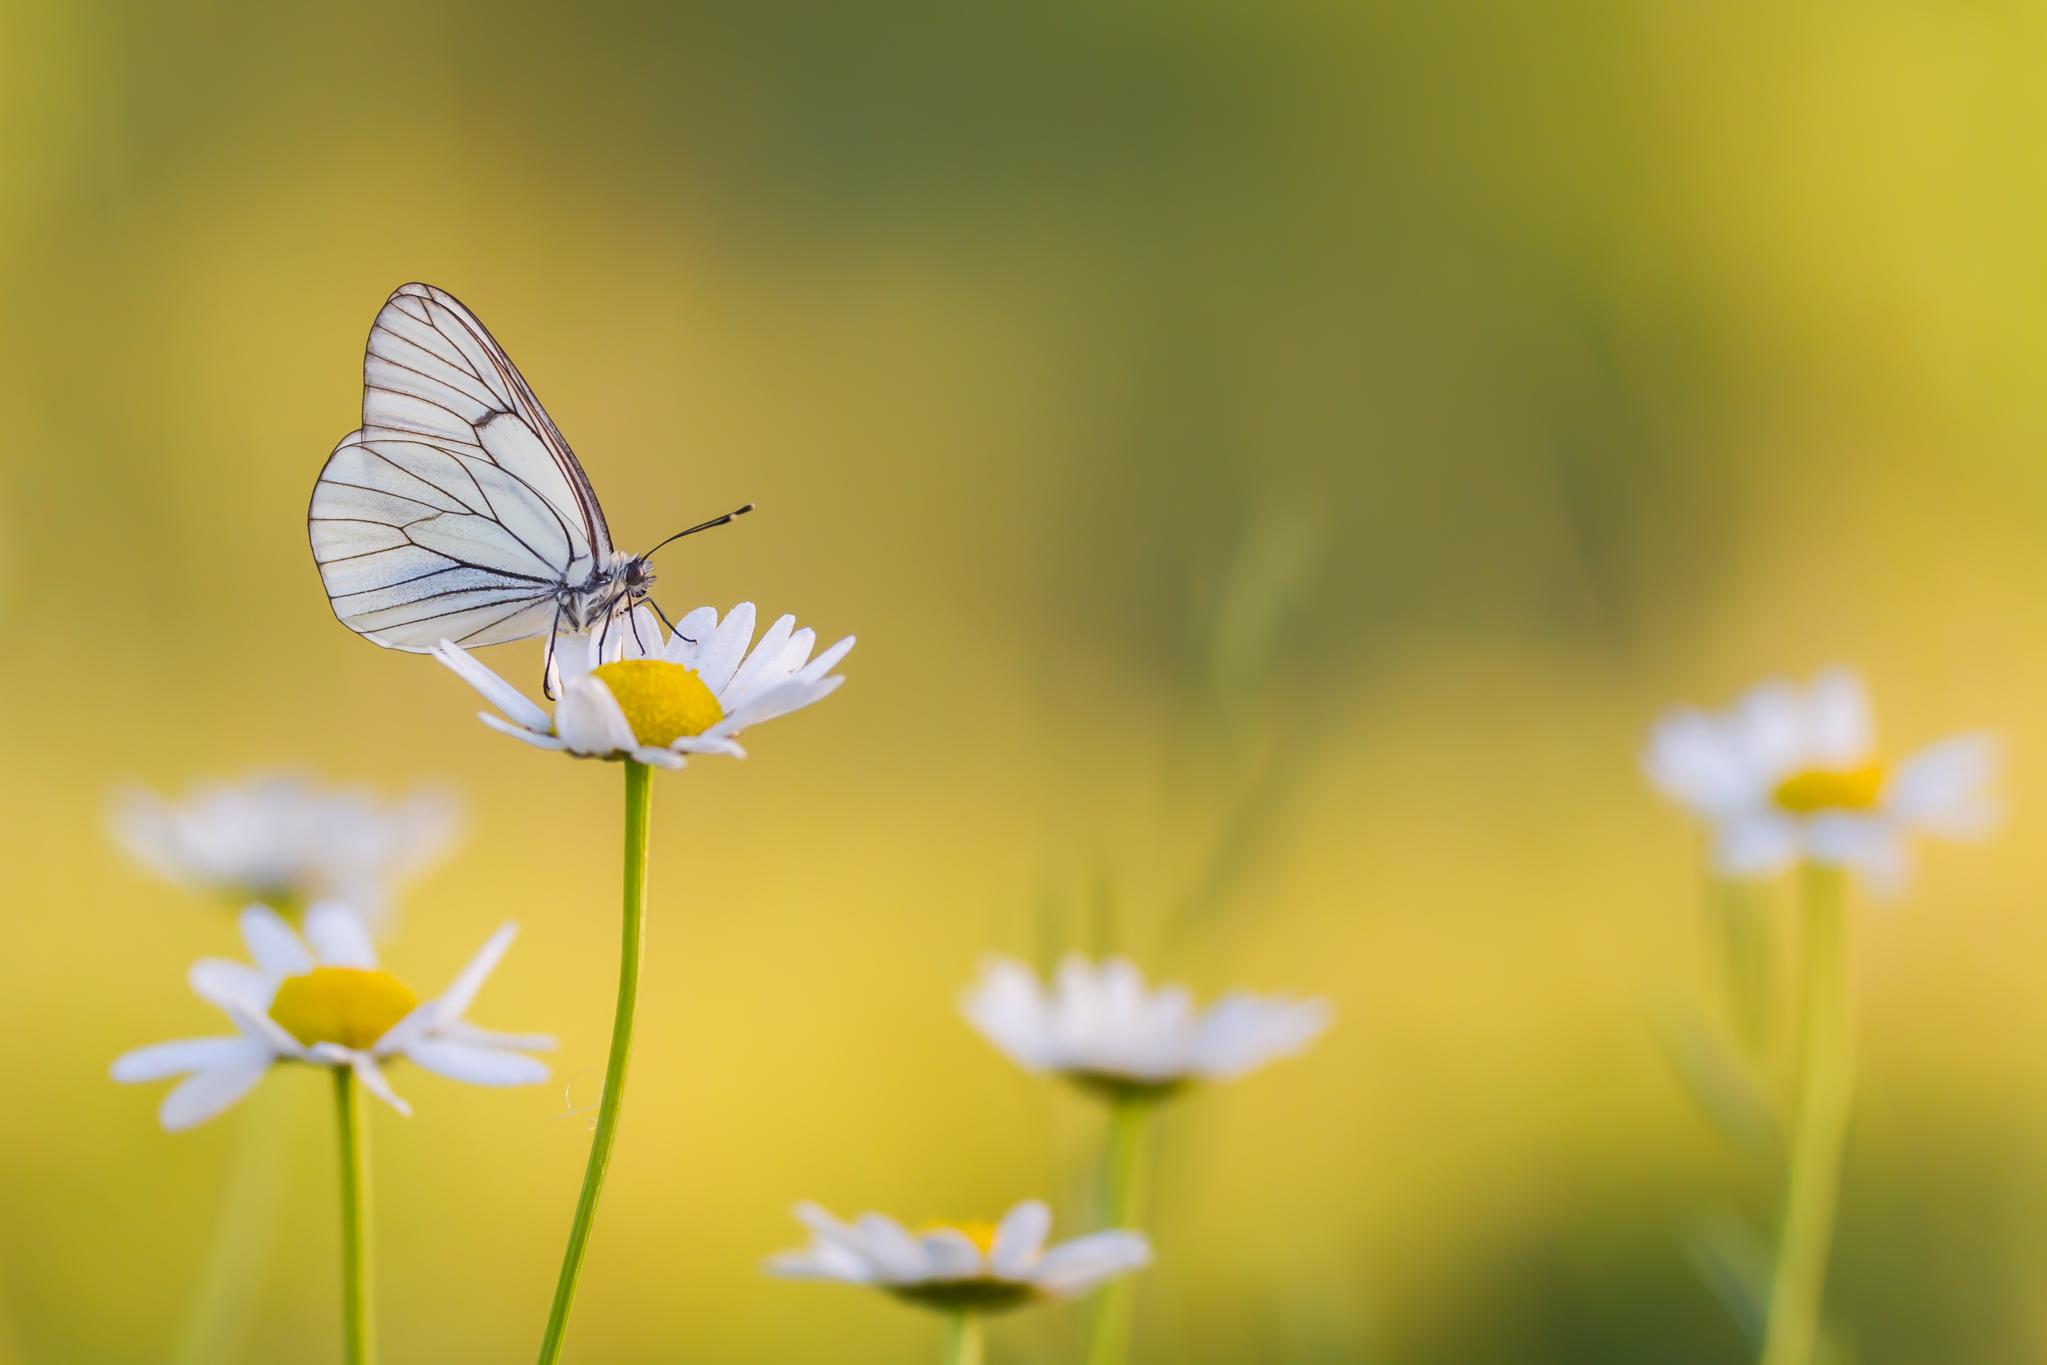 Groot geaderd witje, zon, tegenlicht, vlinder, vlinders, Viroinval, Leo Deknatel